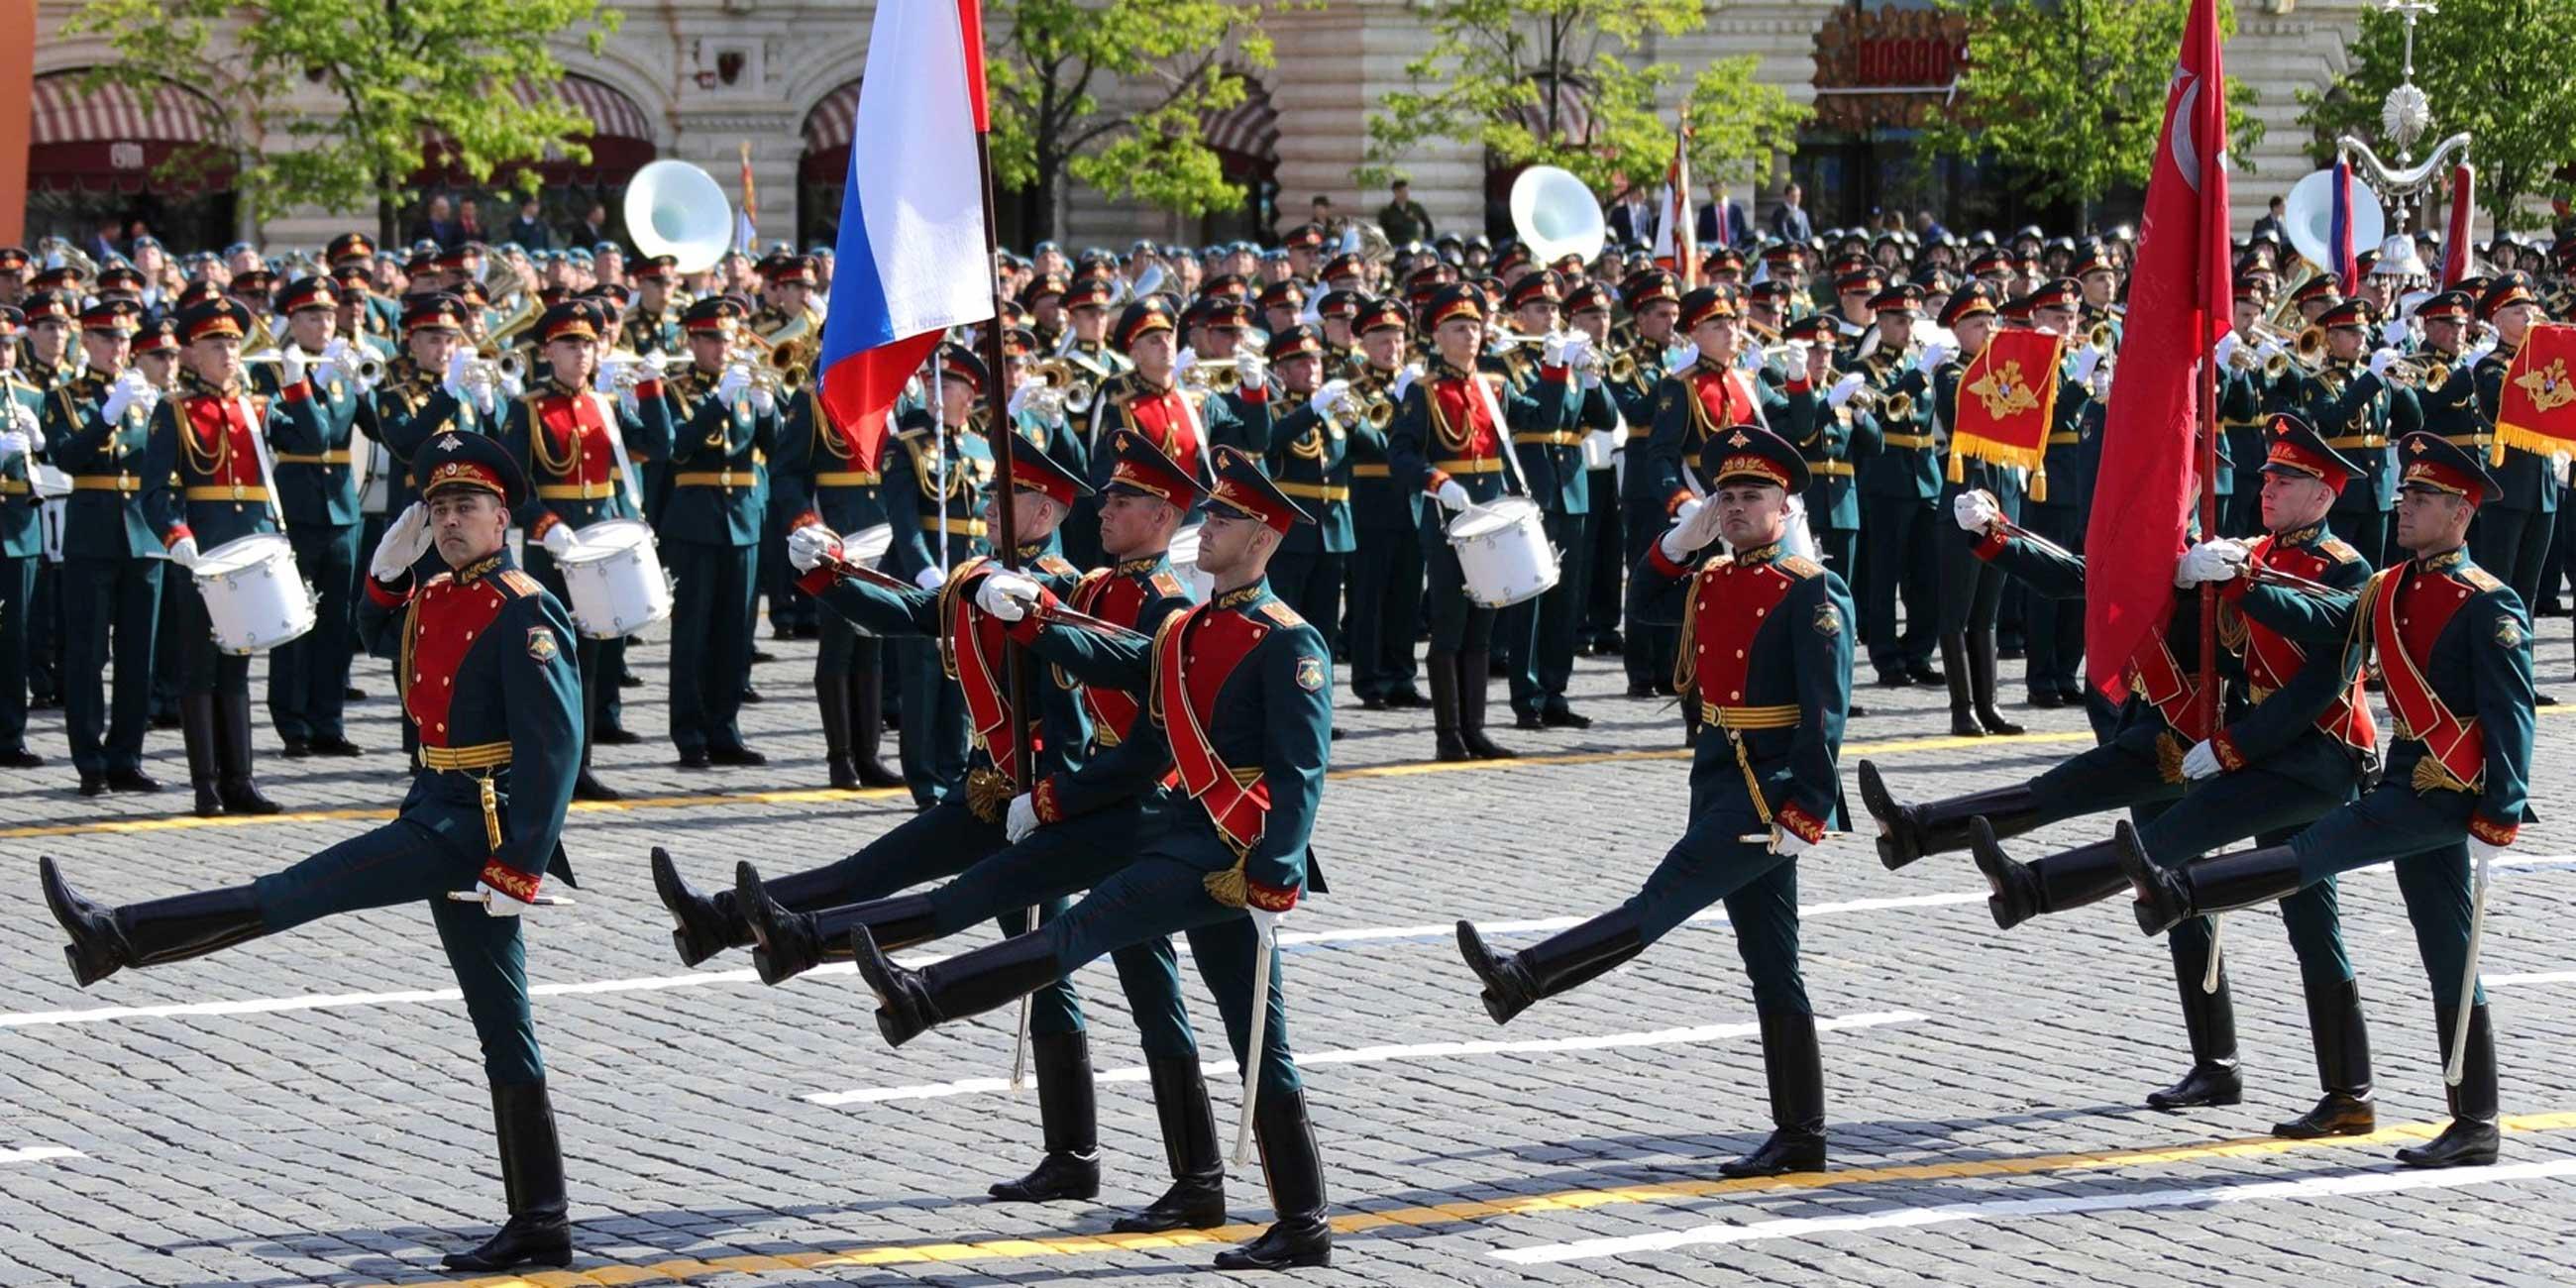 Каждый год 9 мая на Красной площади проходит военный парад.Фото: globallookpress.com